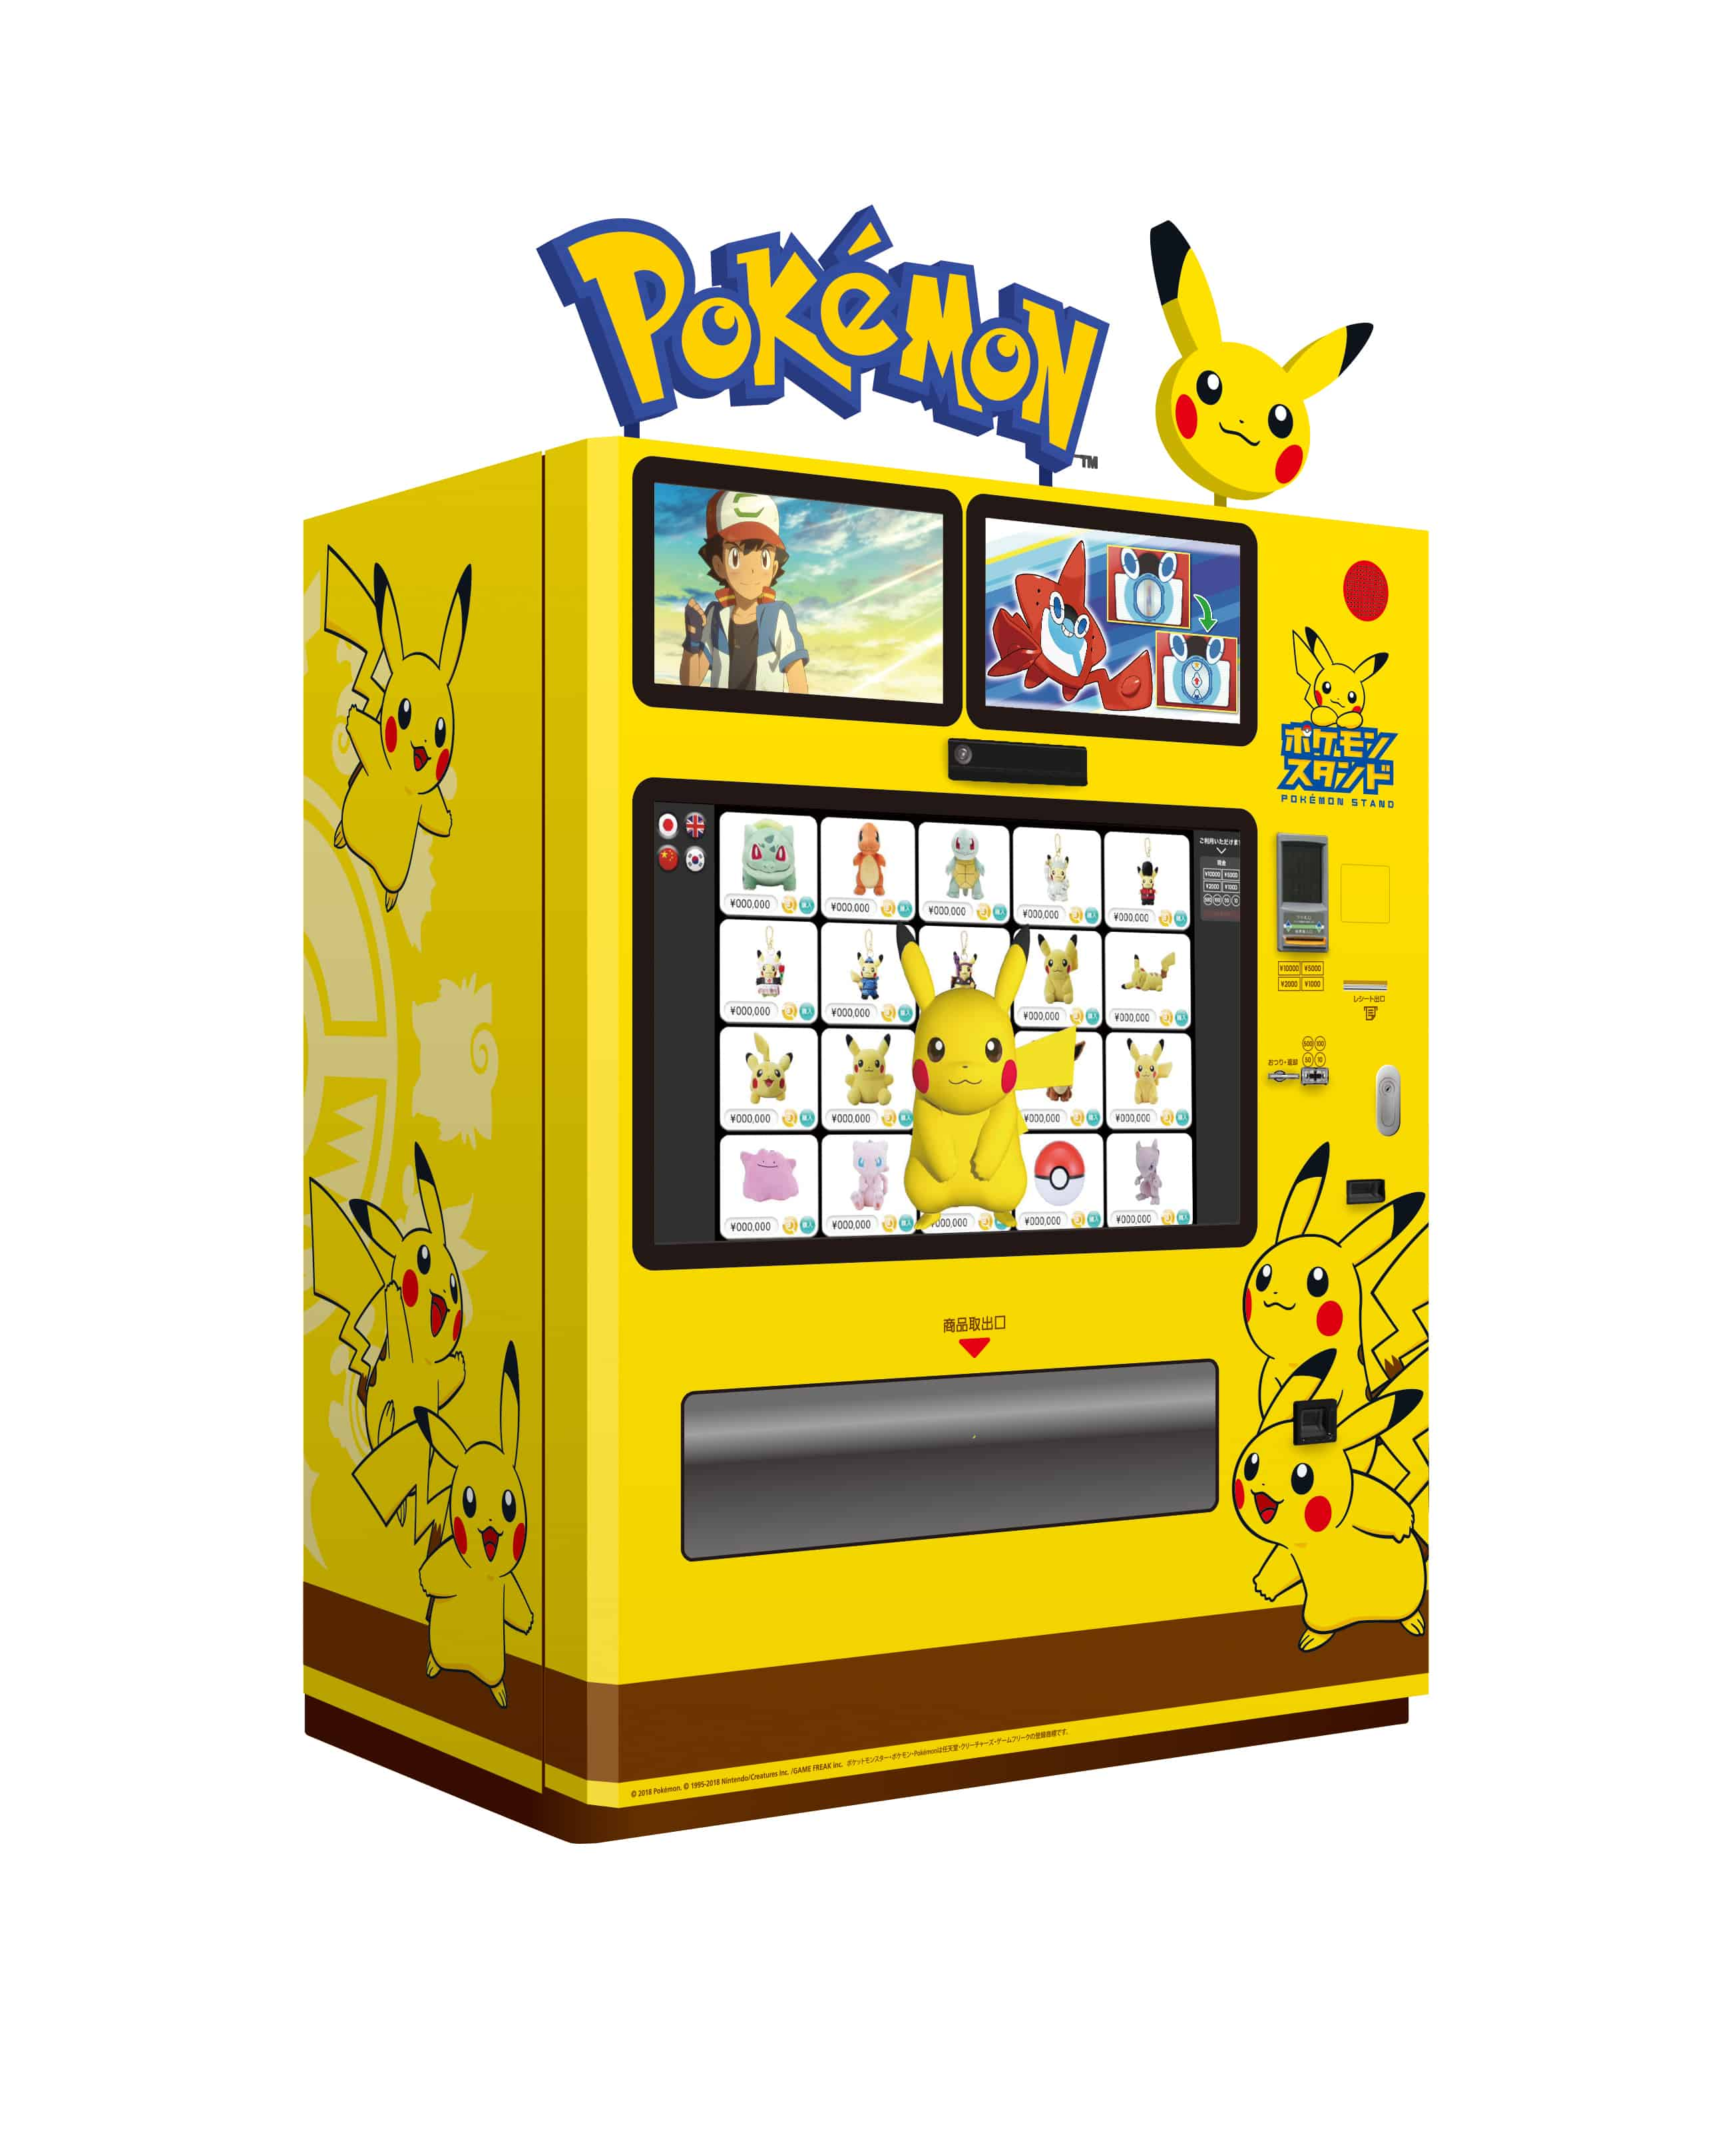 ตัวอย่างโปเกม่อนสแตนด์ (Pokemon Stand) ตู้จำหน่ายสินค้าโปเกม่อน